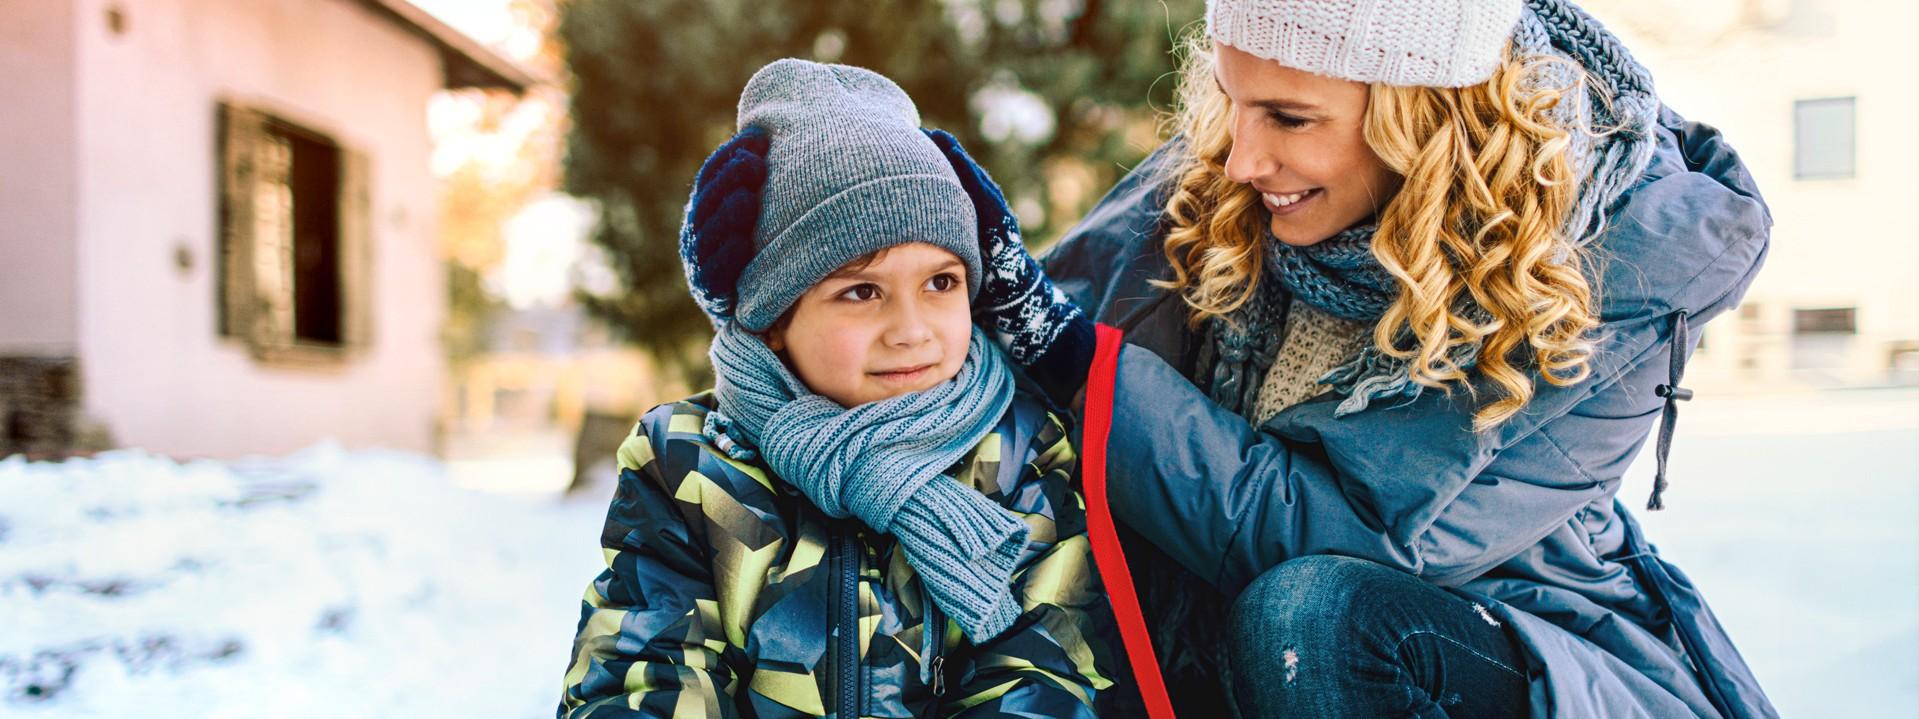 Eine circa 35jährige Frau setzt ihrem circa 8jährigem Sohn eine Mütze auf. Er sitzt dabei vor dem Haus auf seinem Schlitten im Schnee. Sie hockt daneben.